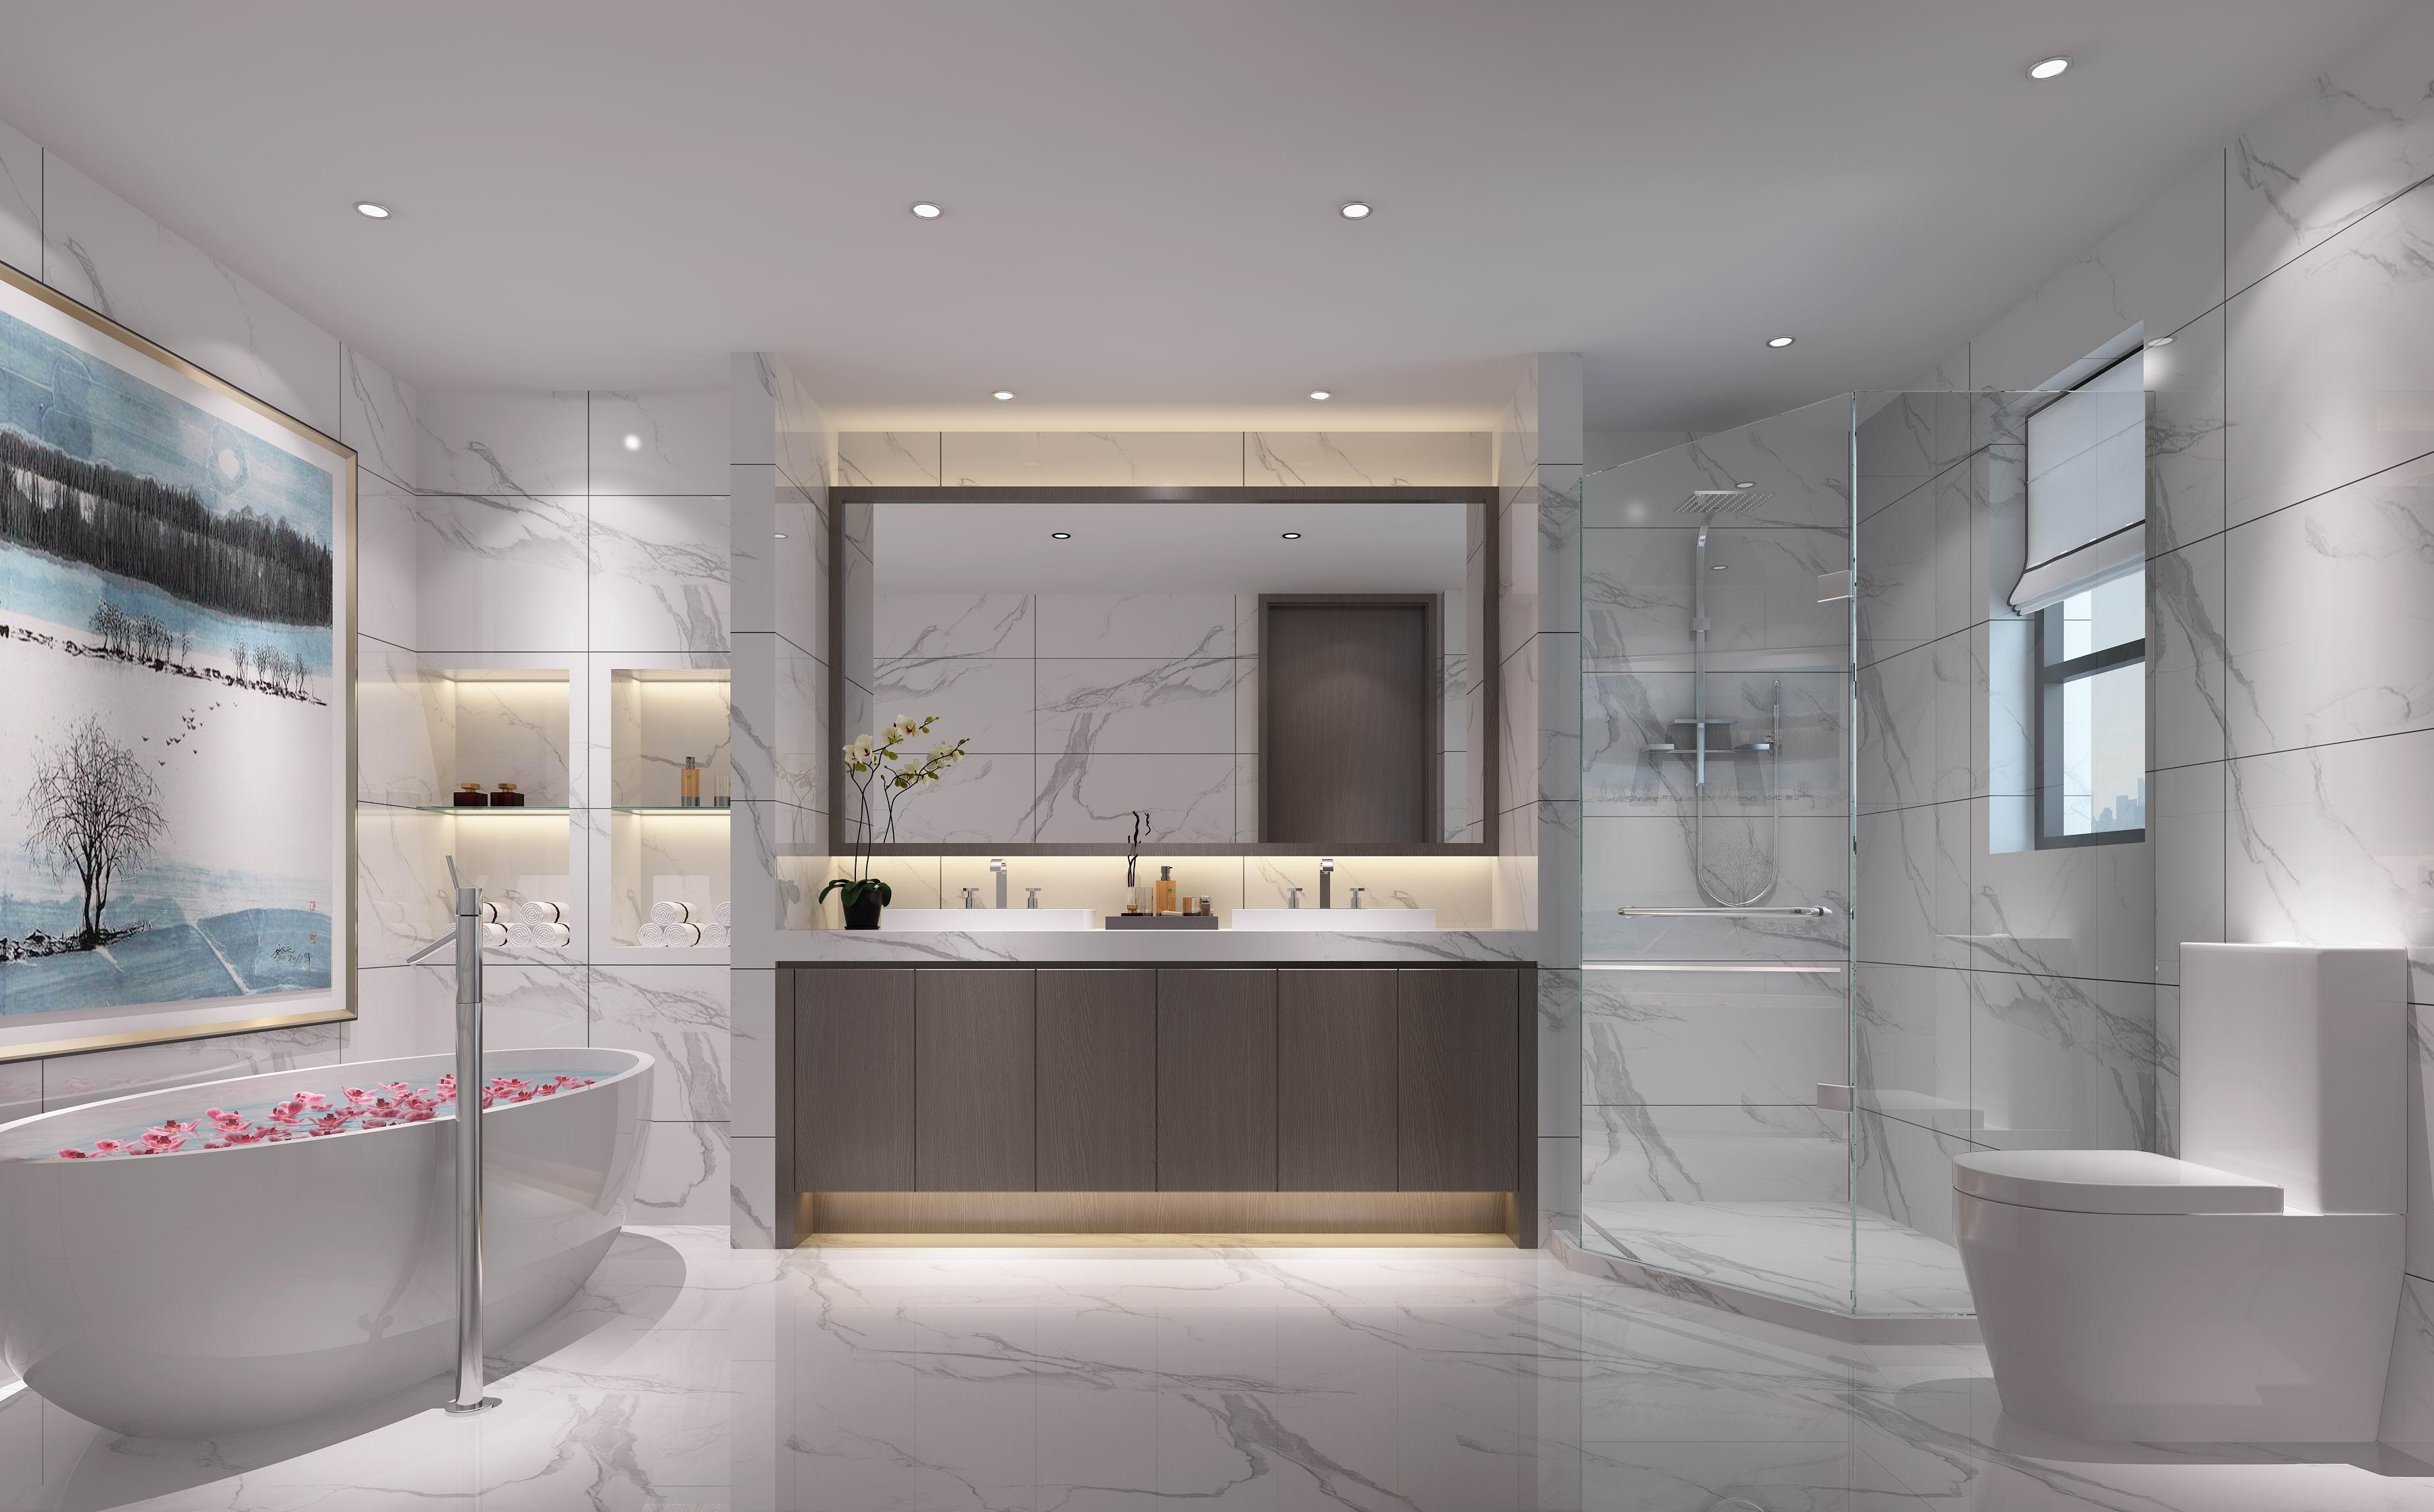 别墅 设计 装修 案例 现代中式 卫浴间图片来自无锡别墅设计s在中建城中墅310㎡现代中式风格的分享